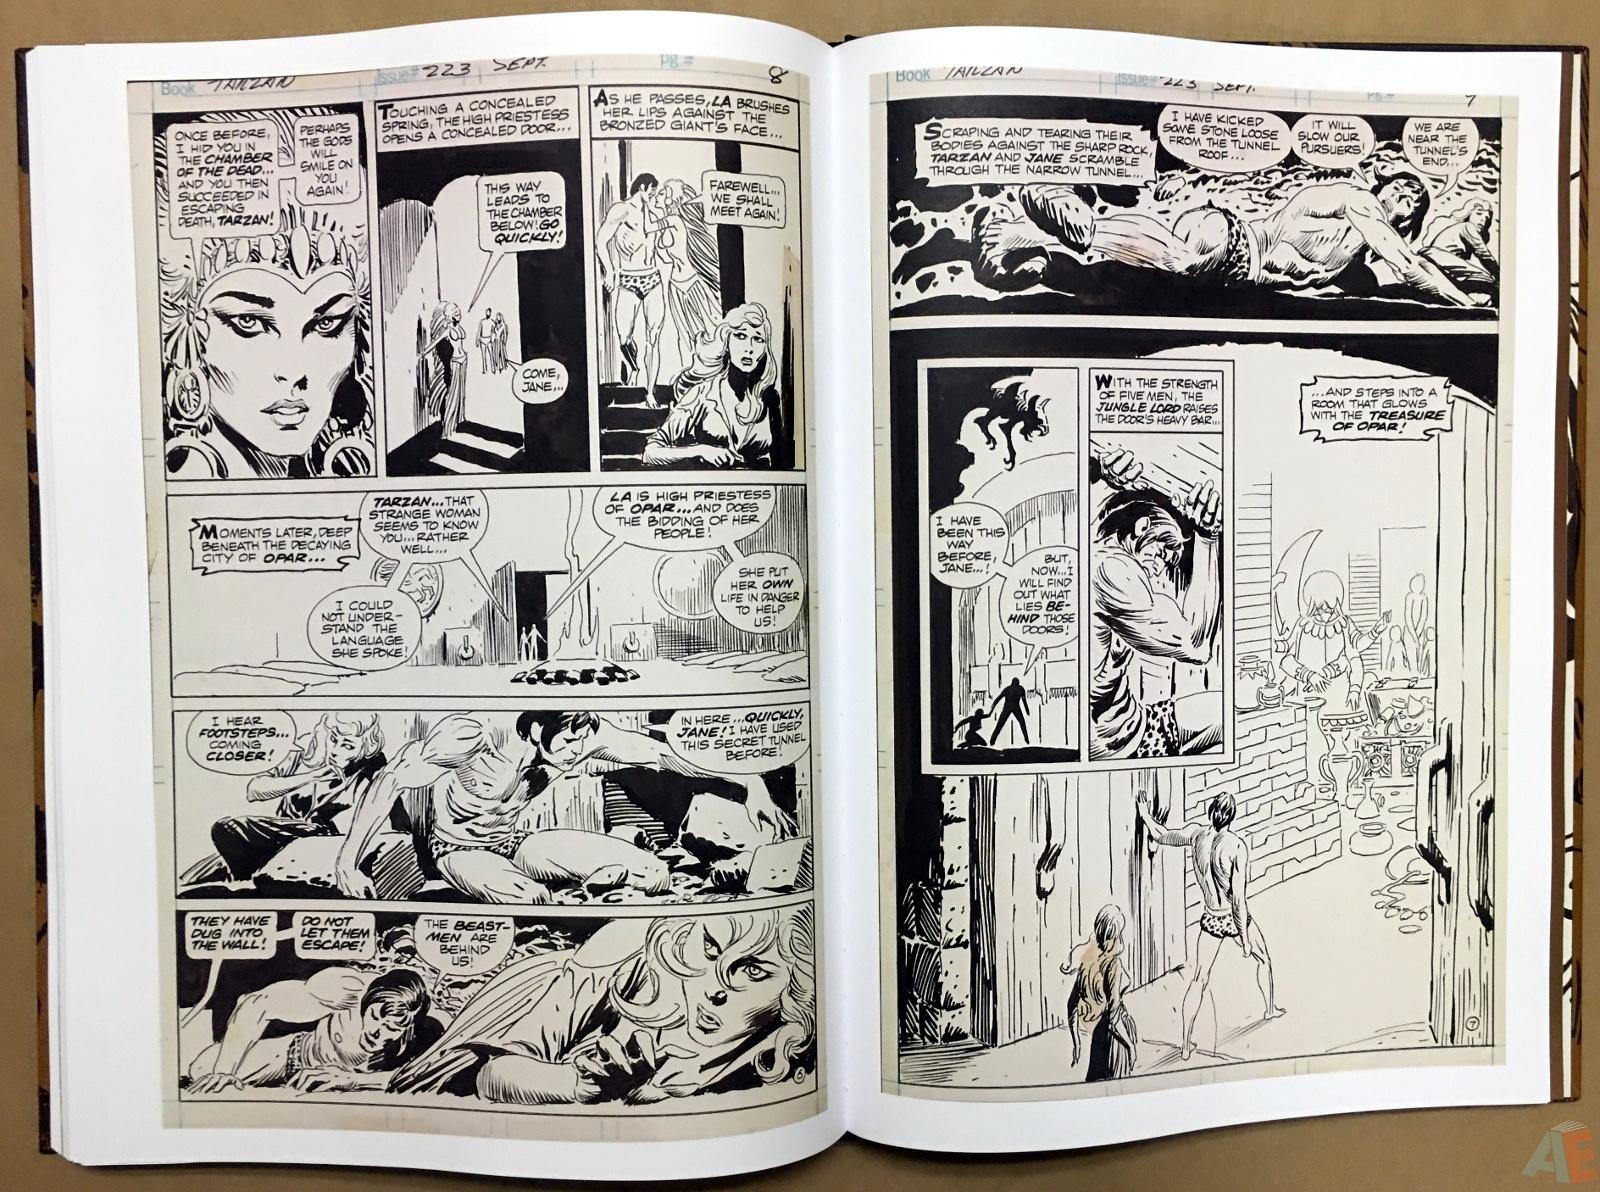 Joe Kubert's The Return Of Tarzan Artist's Edition 46